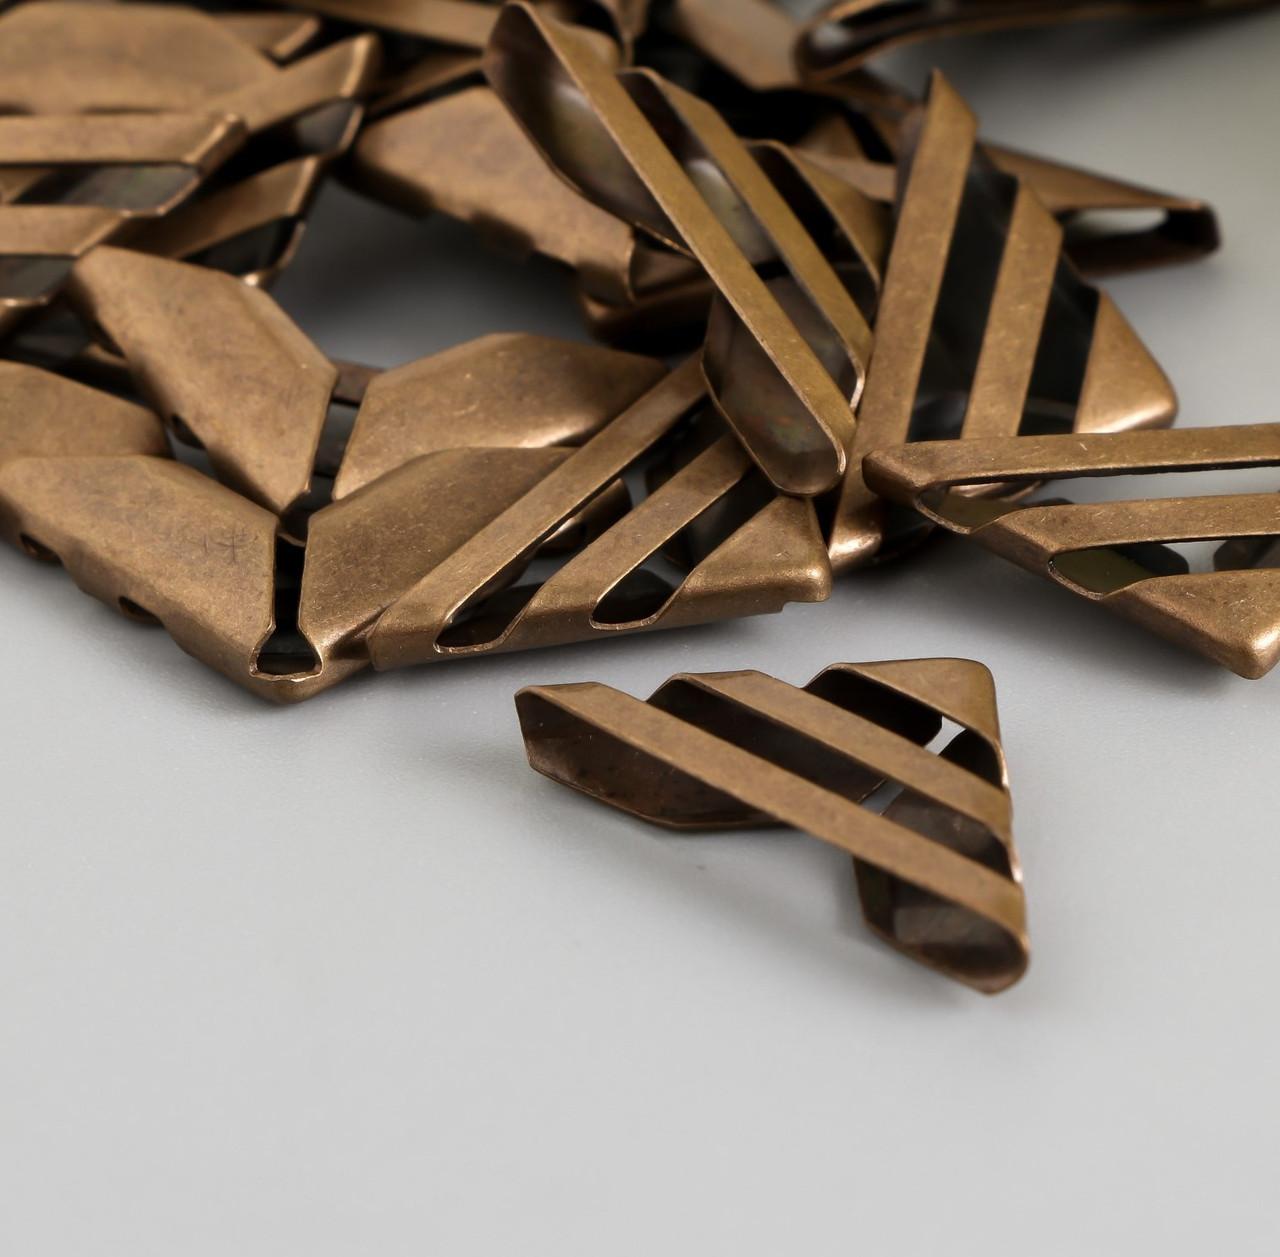 Уголок для блокнотов, античная бронза 1,6х1,6 см (20 штук)